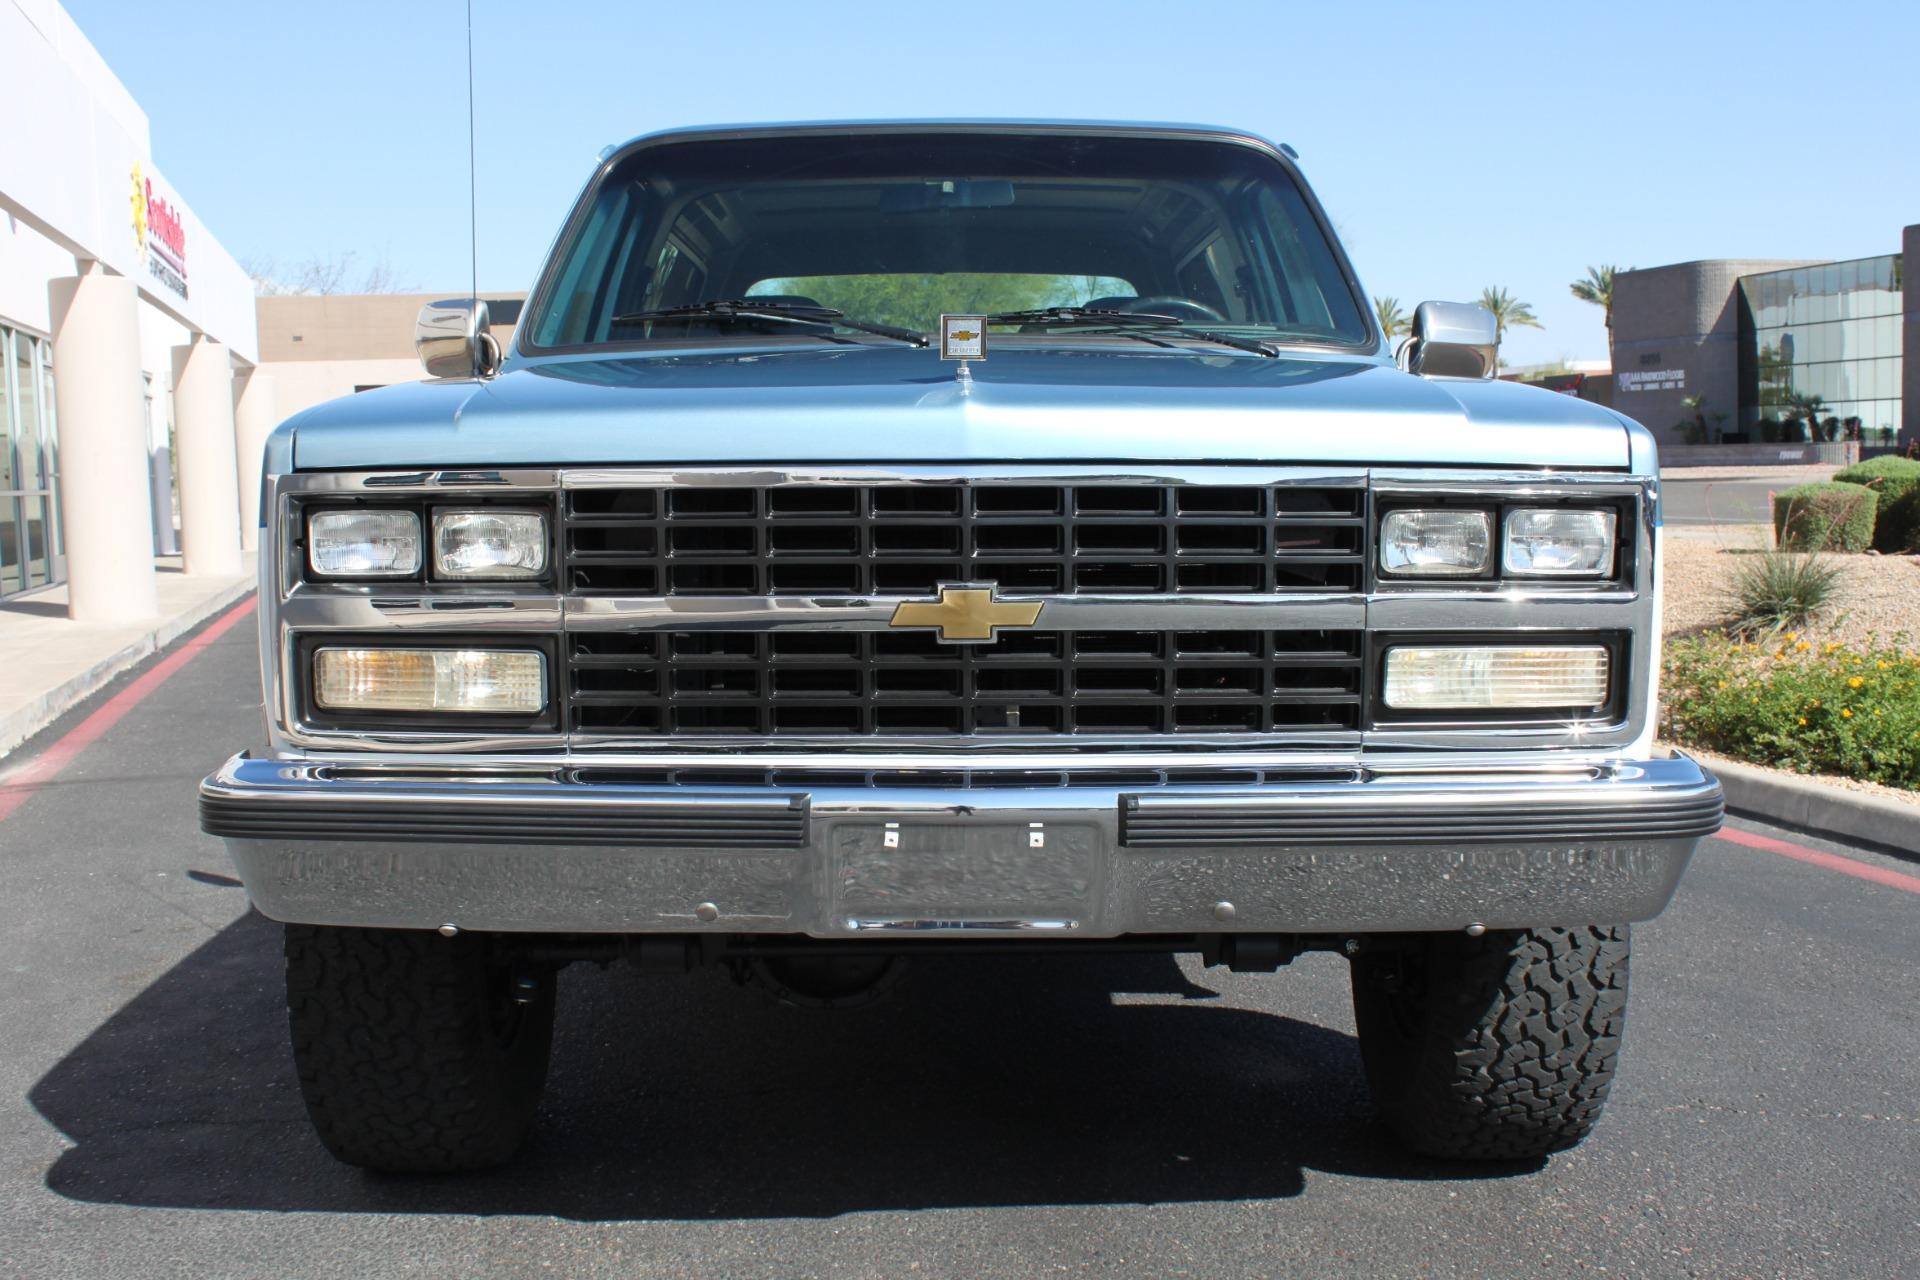 Used-1989-Chevrolet-K5-Blazer-4X4-Wrangler